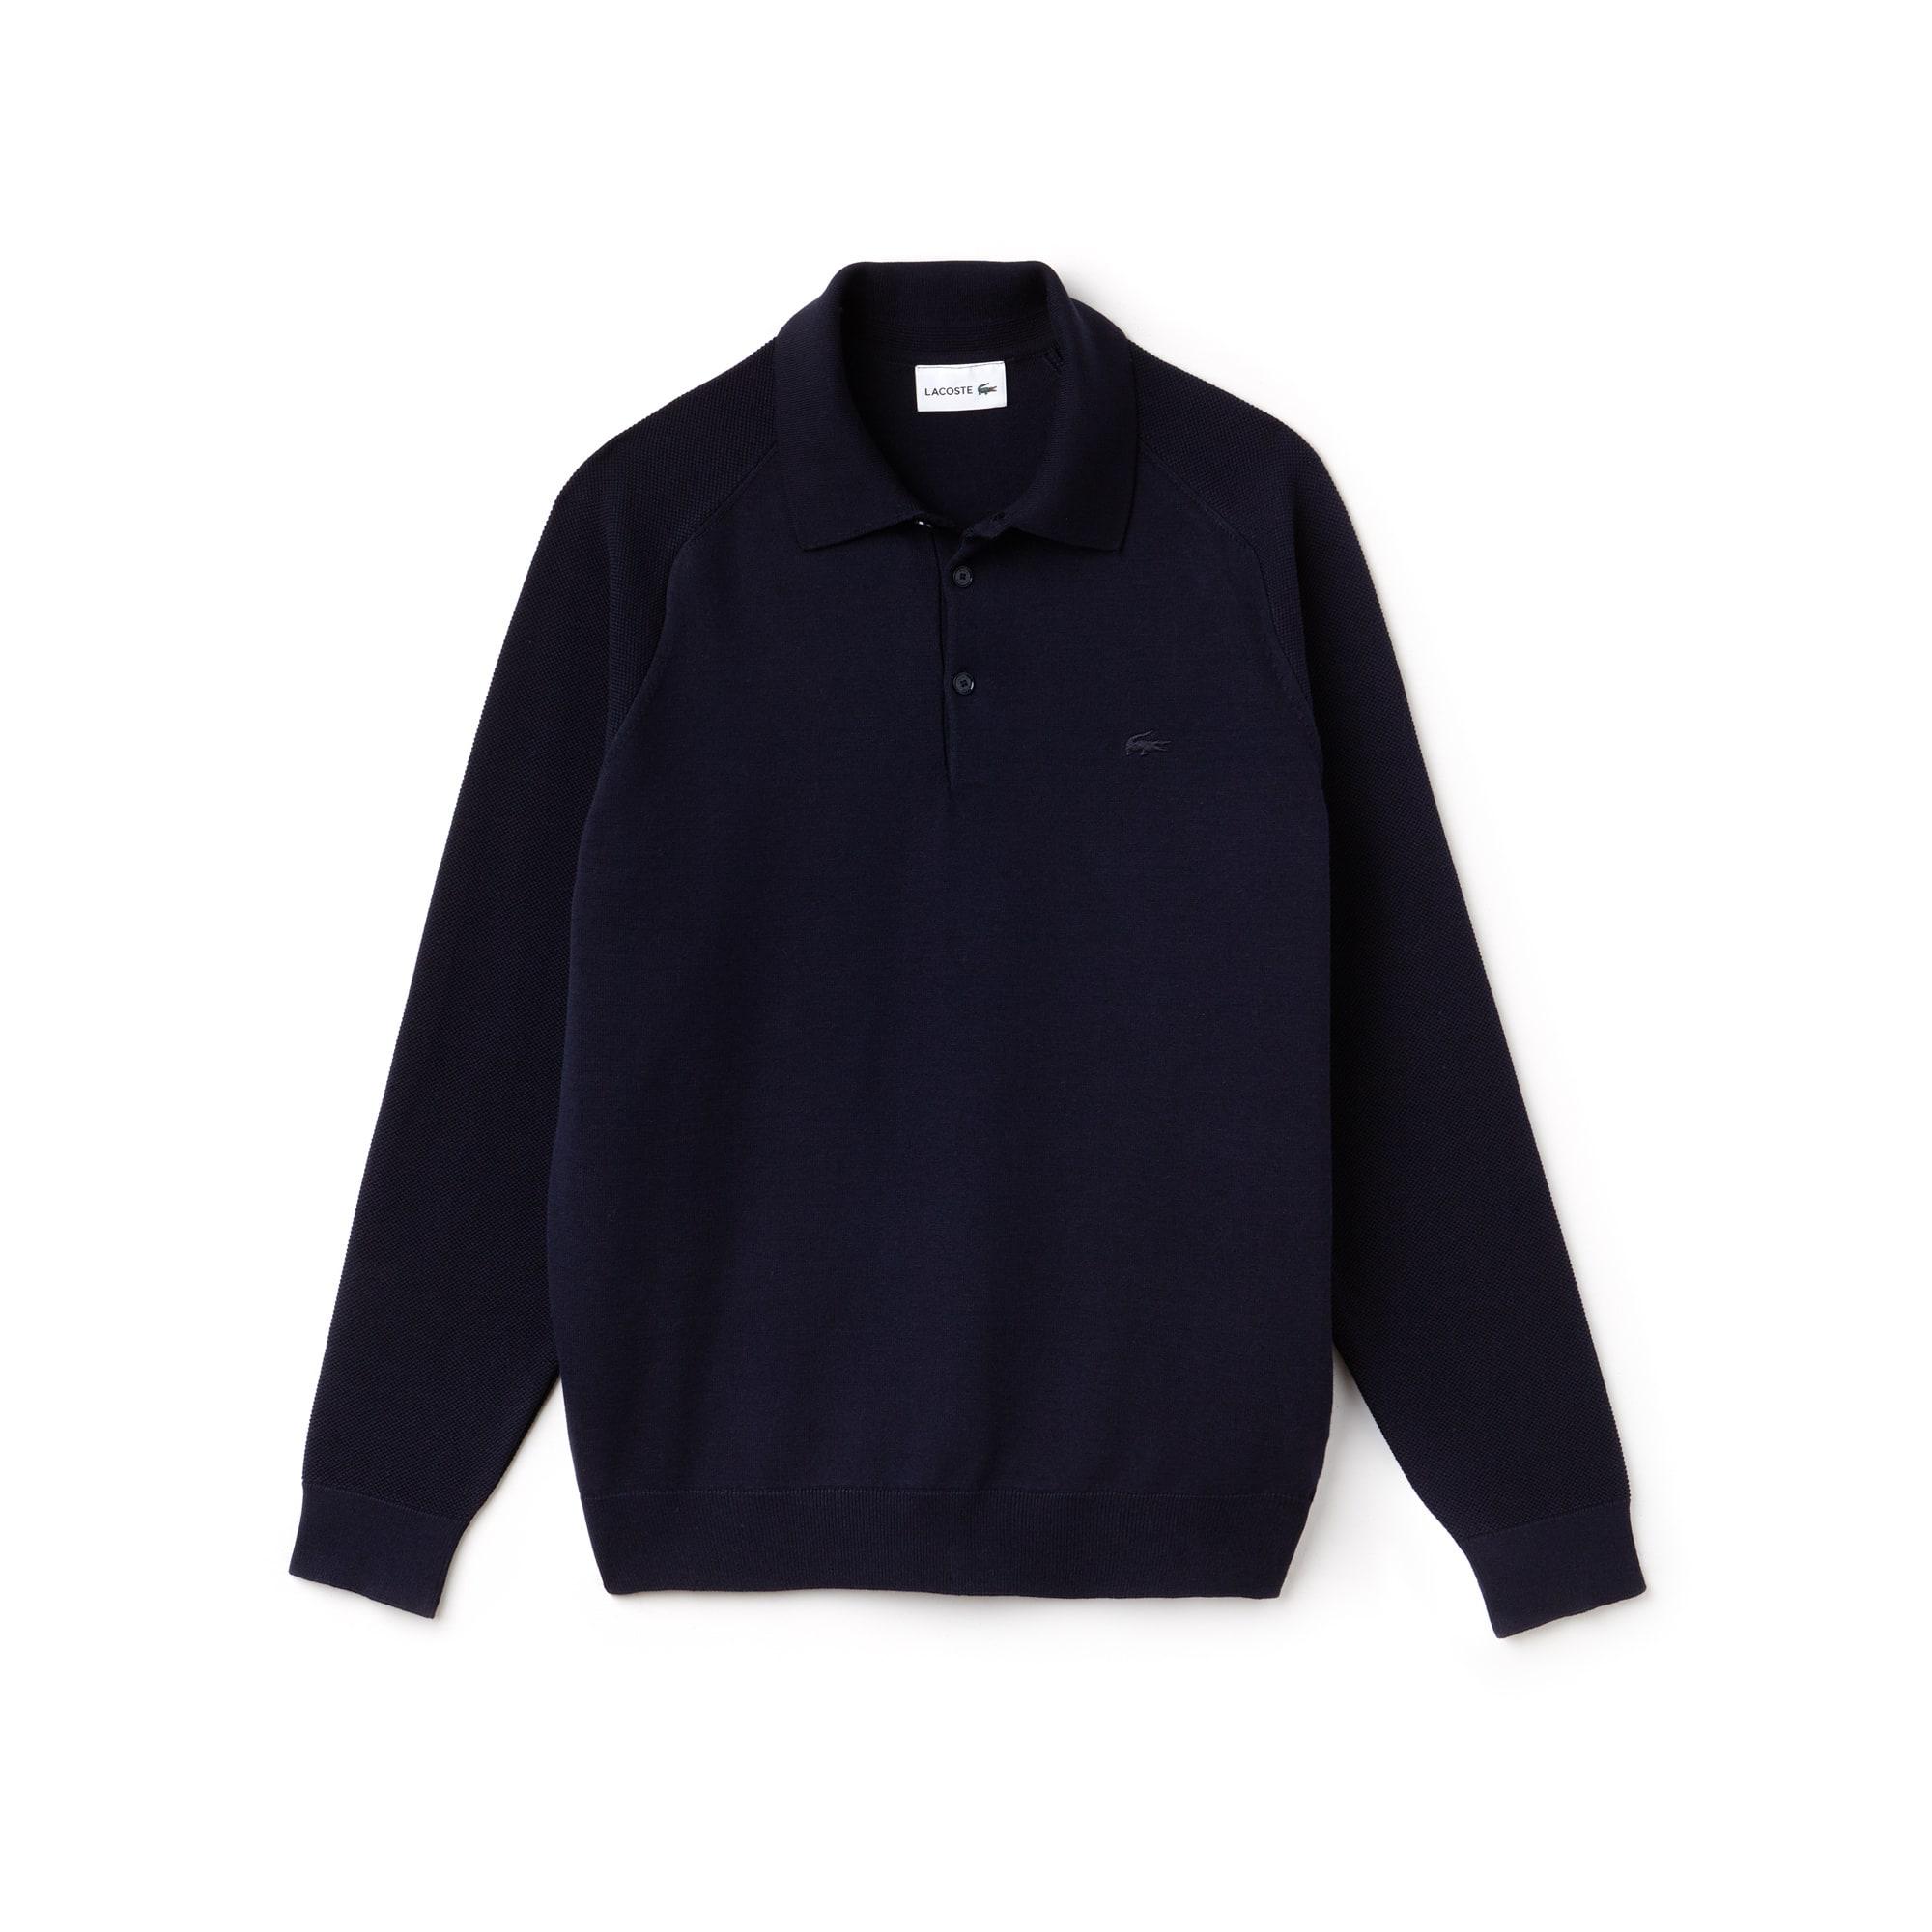 Pullover con collo a polo in maglia tecnica con maniche a contrasto